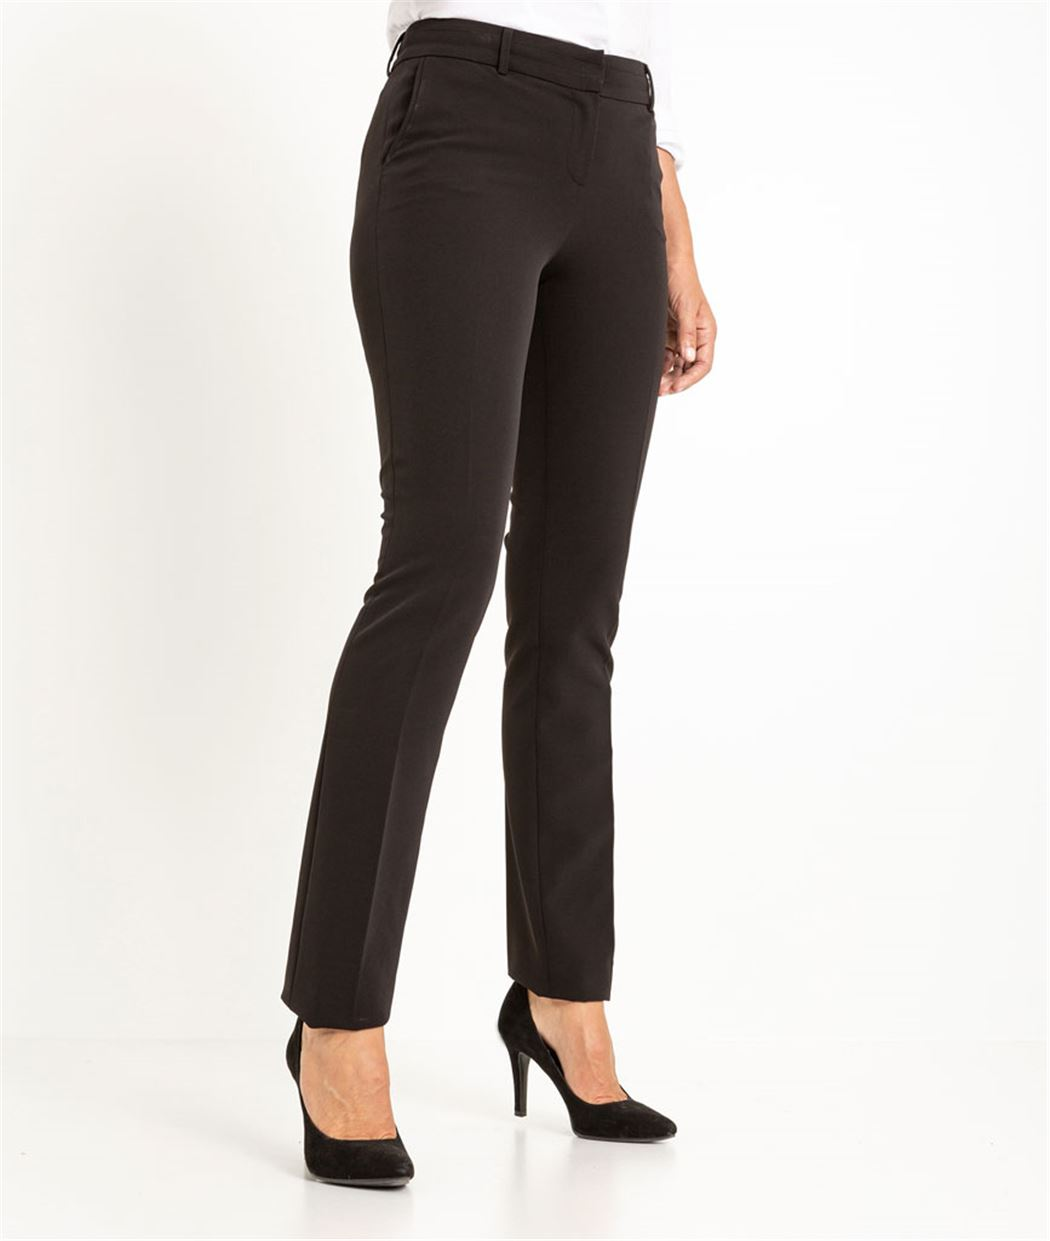 Pantalon femme city chic NOIR